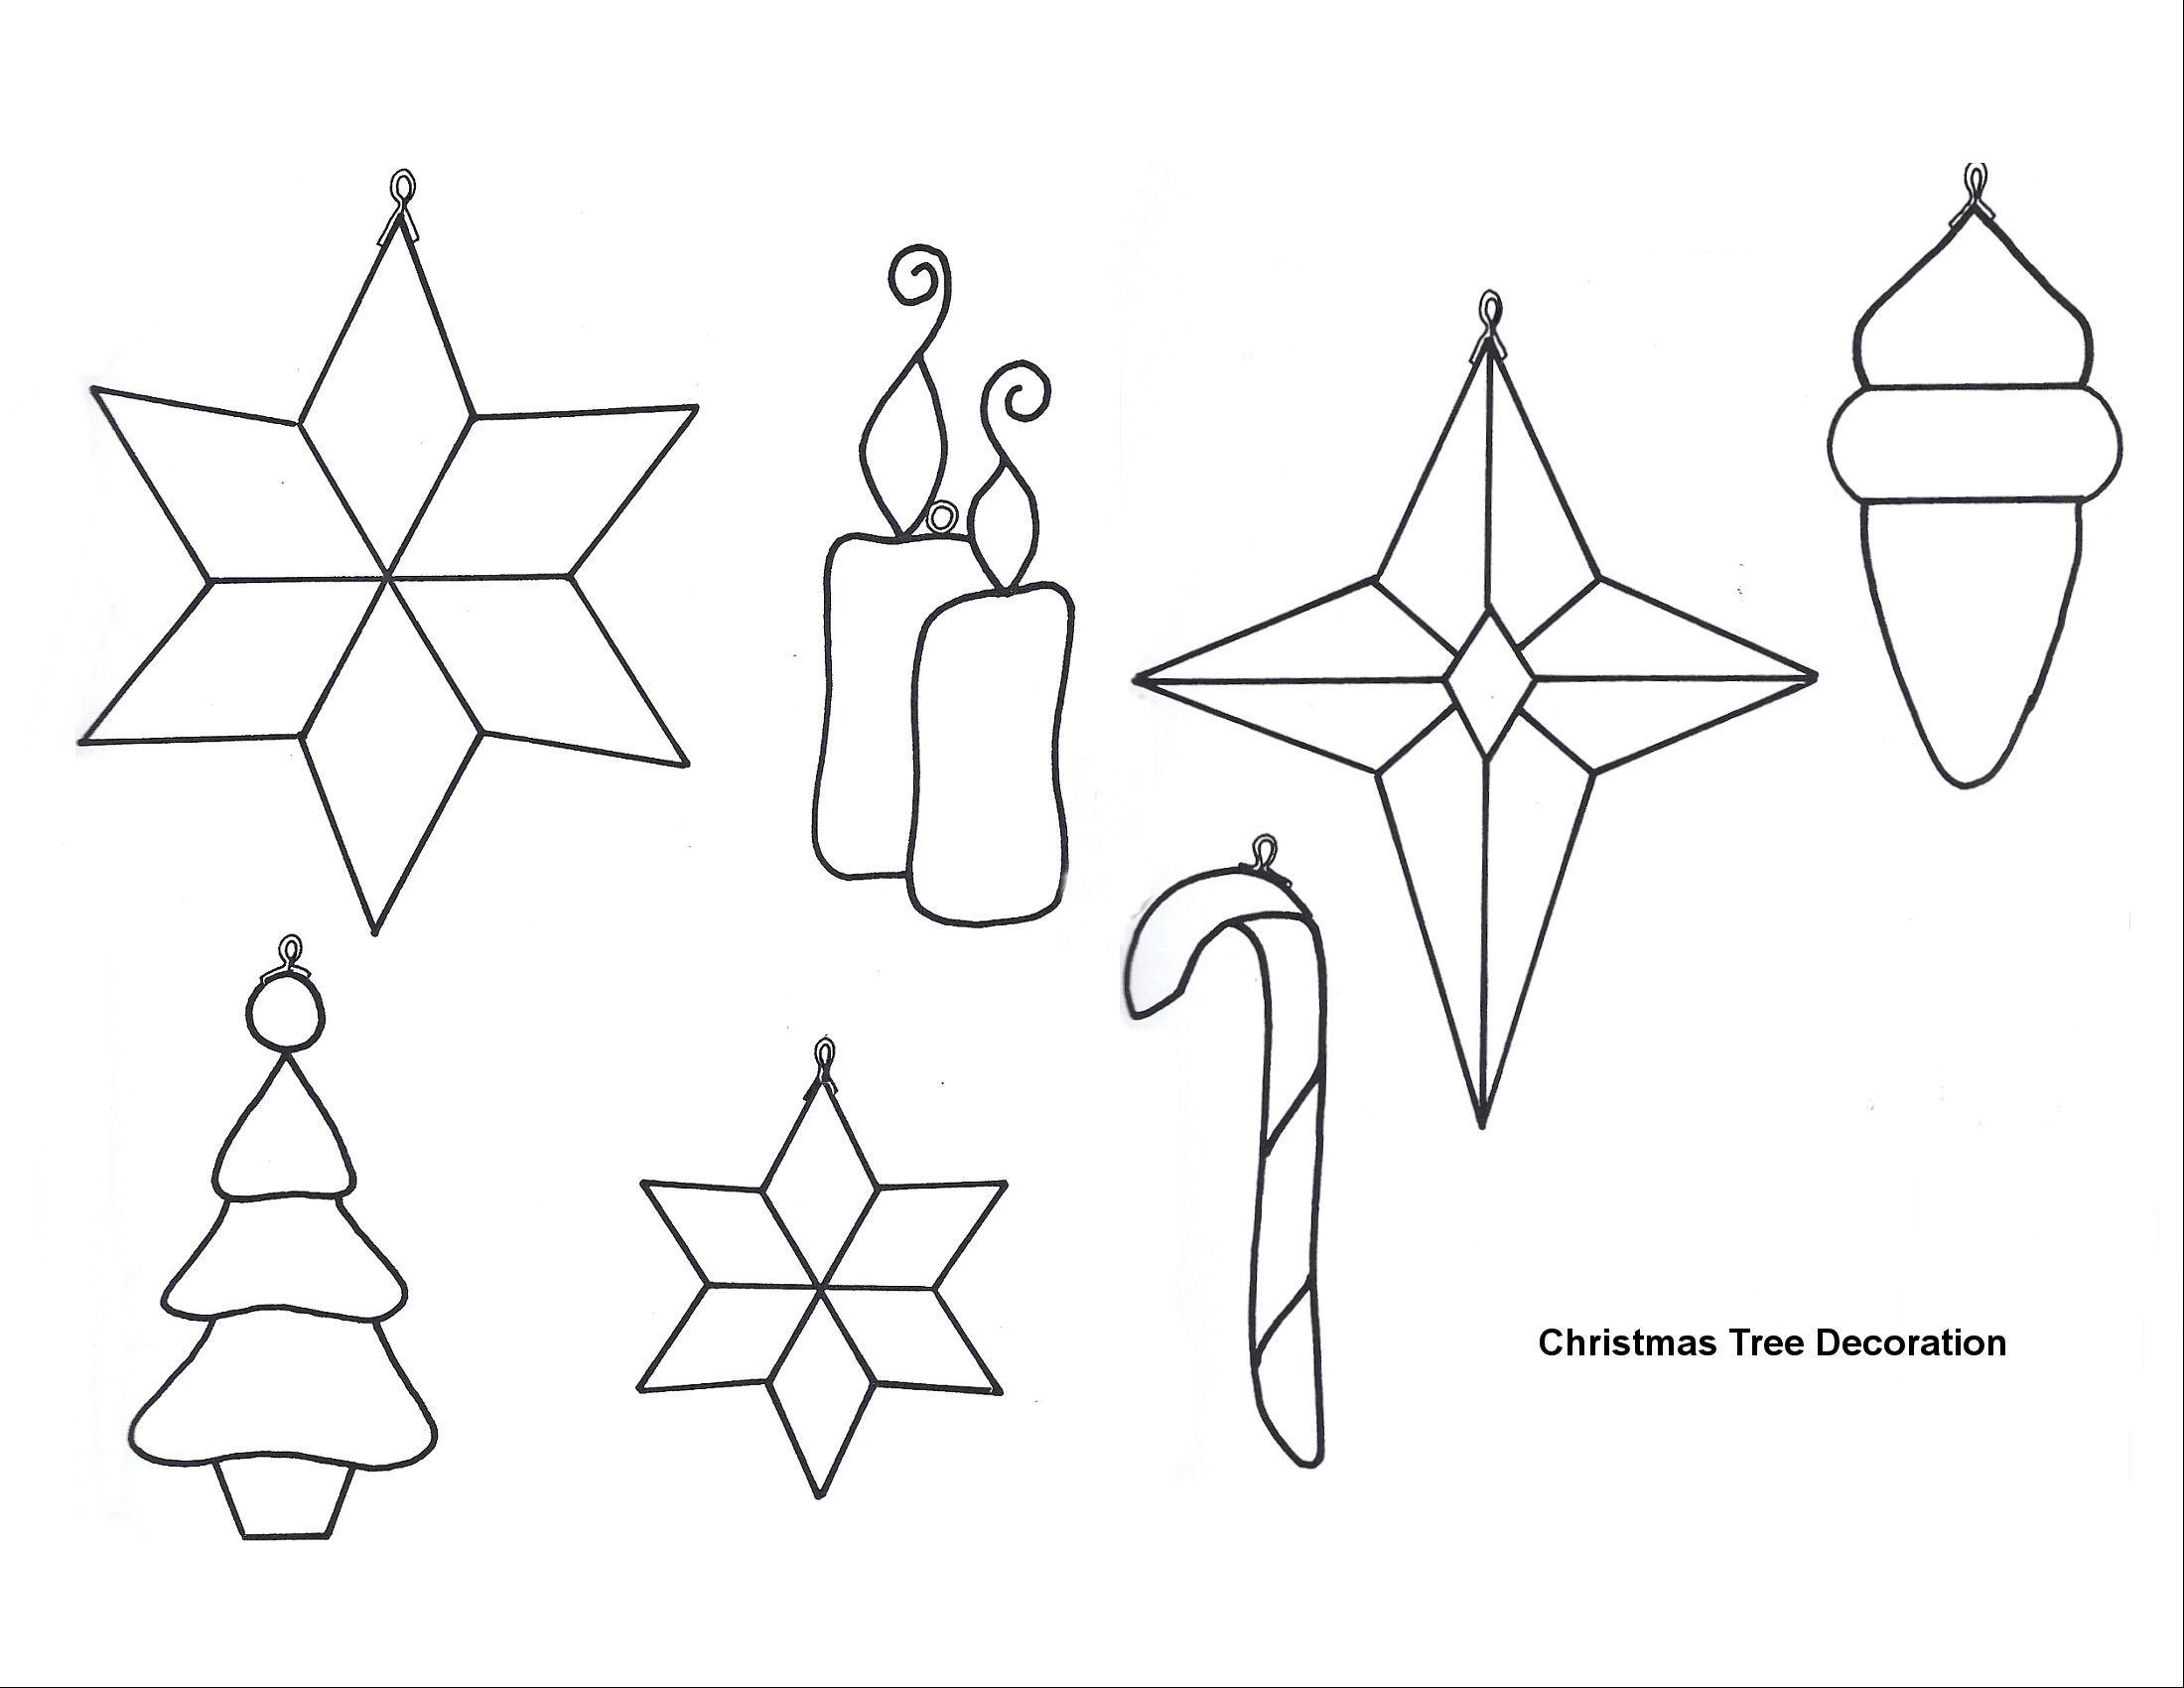 Free Printable Papercraft Templates. Felt Christmas Patterns - Free Printable Christmas Ornament Patterns